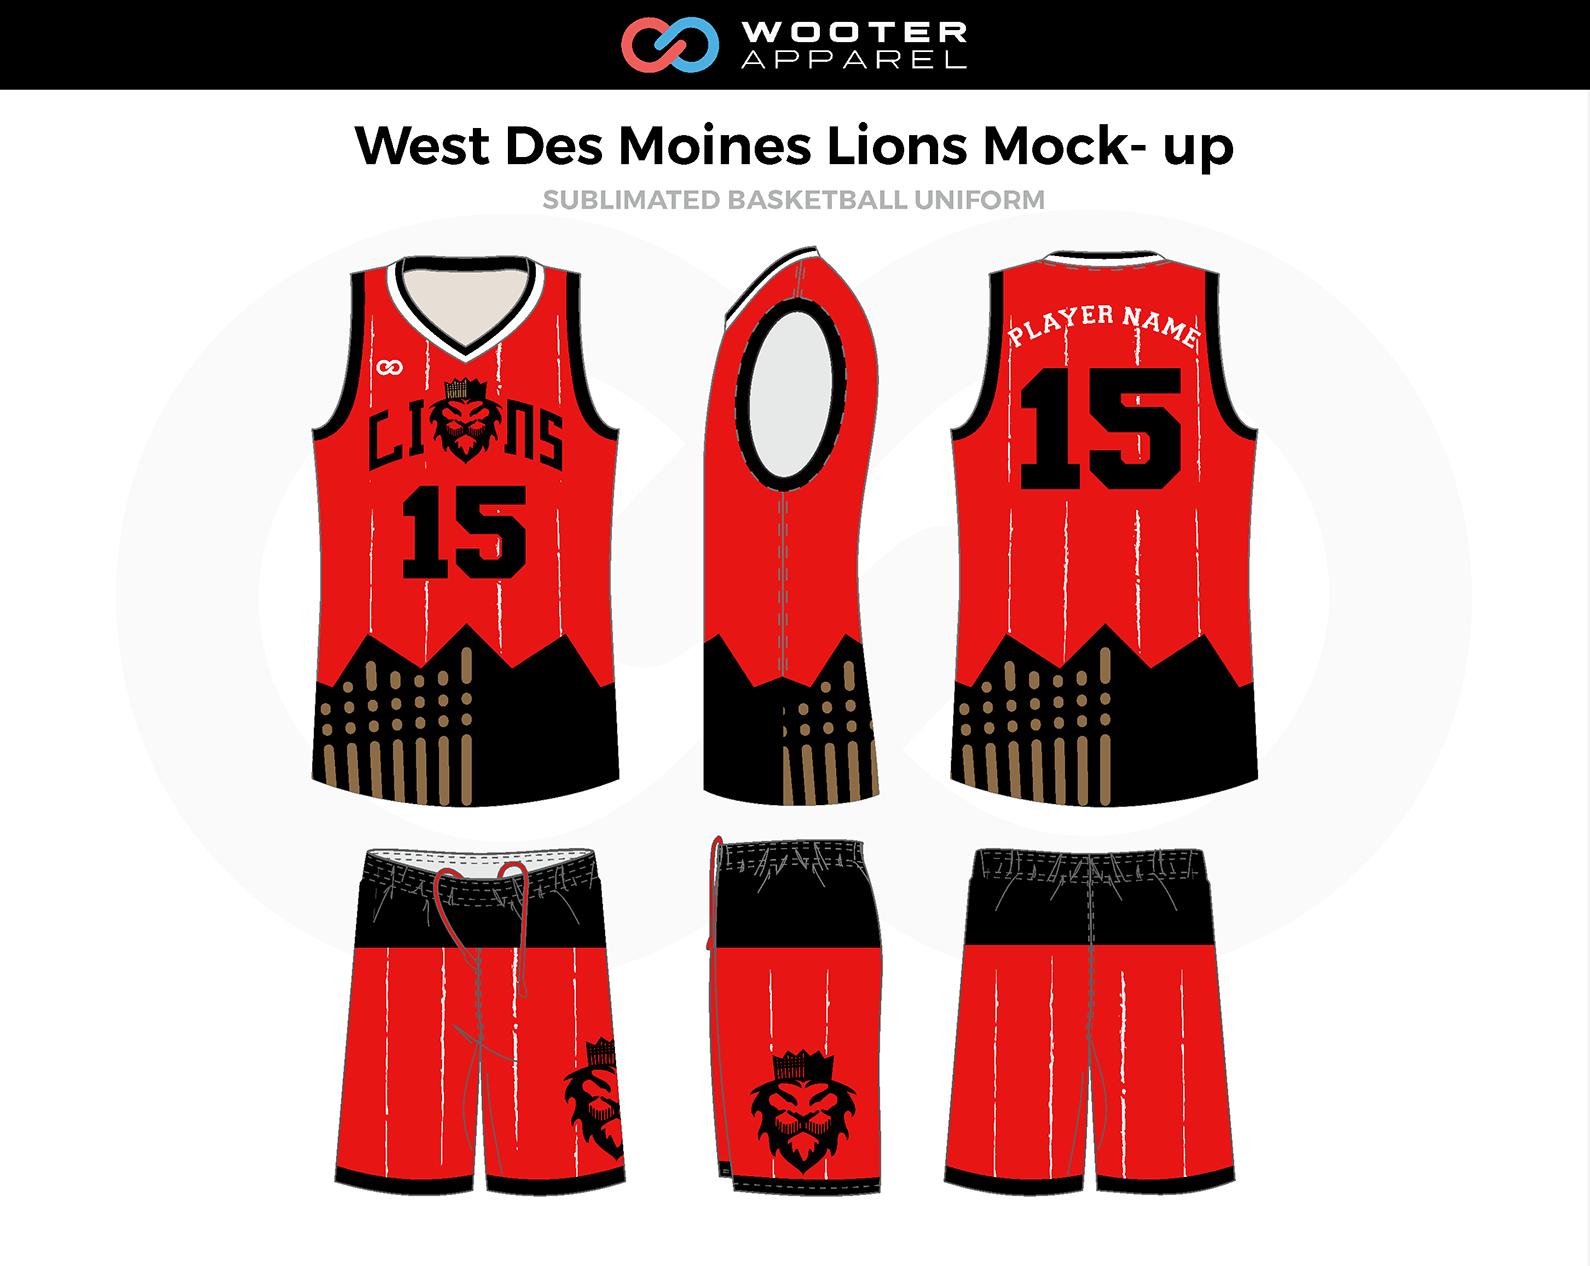 2018-09-19 West Des Moines Lions Mock- up 1.png